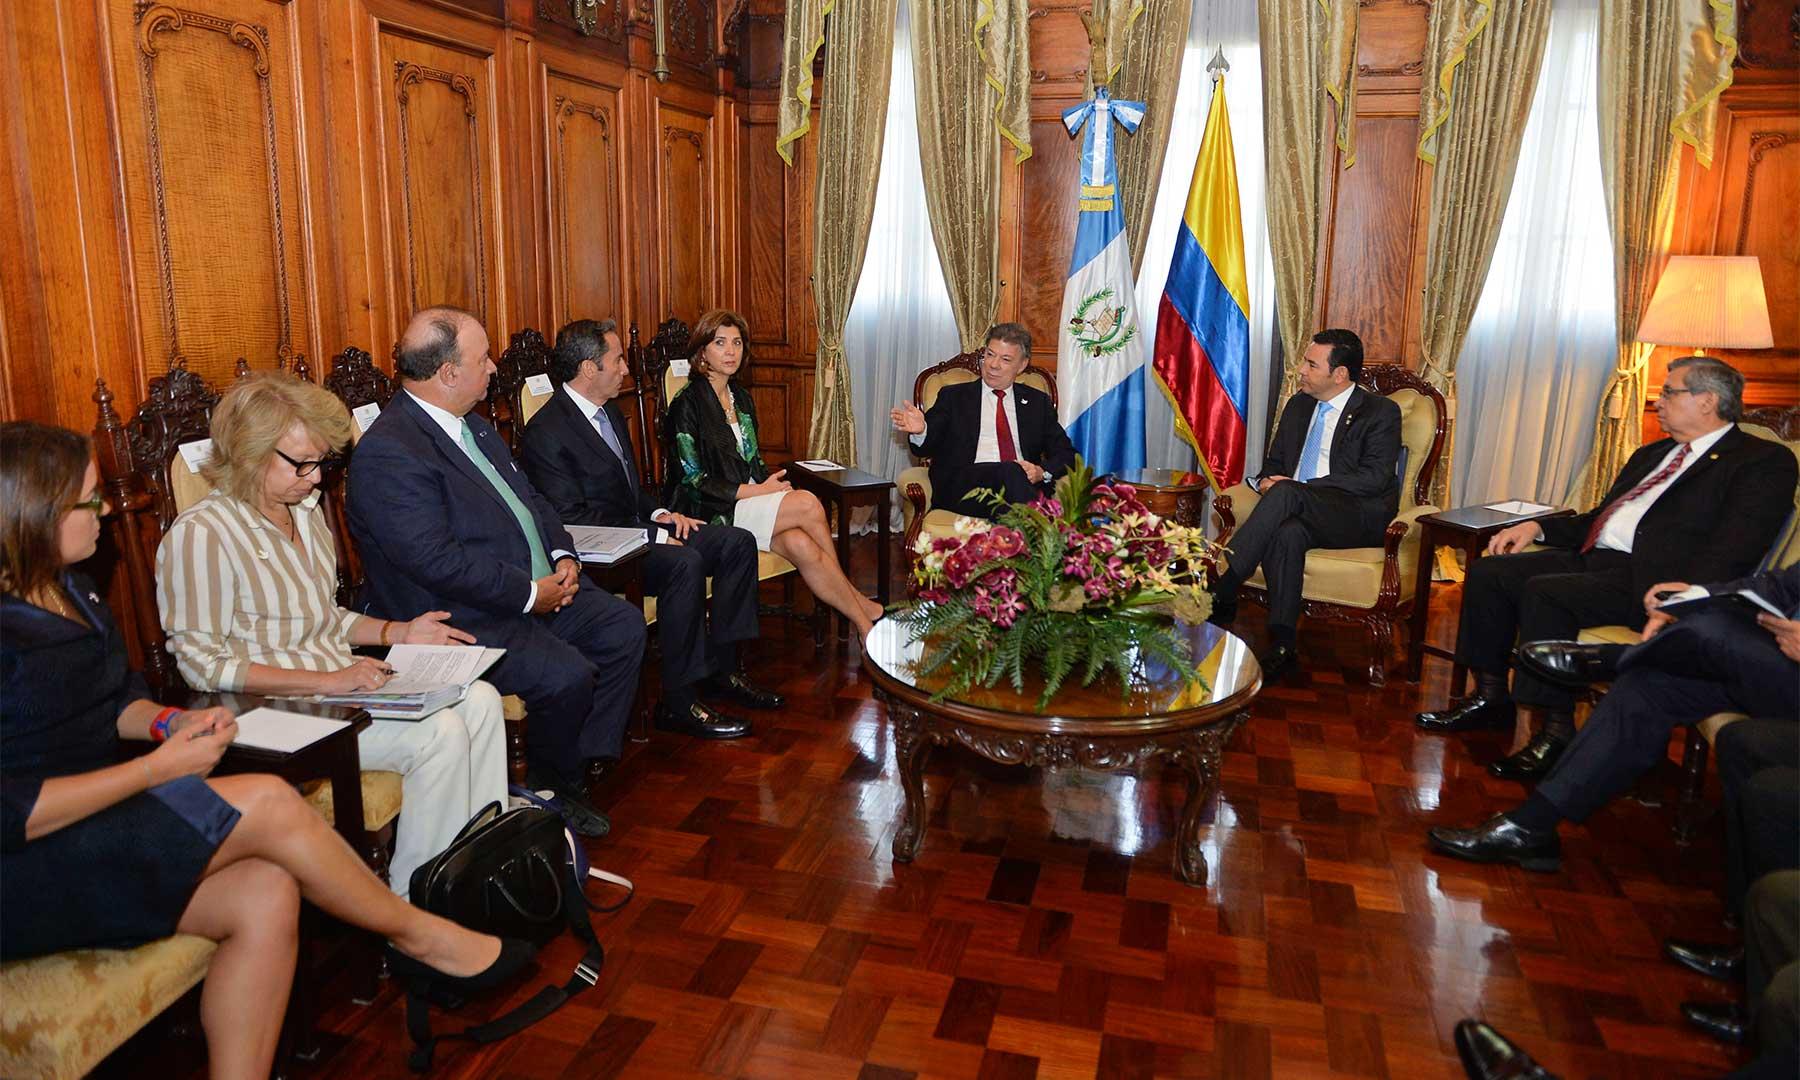 Paz, inversión, comercio y seguridad son algunos de los temas tratados por los presidentes de Colombia y Guatemala, Juan Manuel Santos y Jimmy Morales, junto con sus delegaciones de gobierno, este lunes en Ciudad de Guatemala.